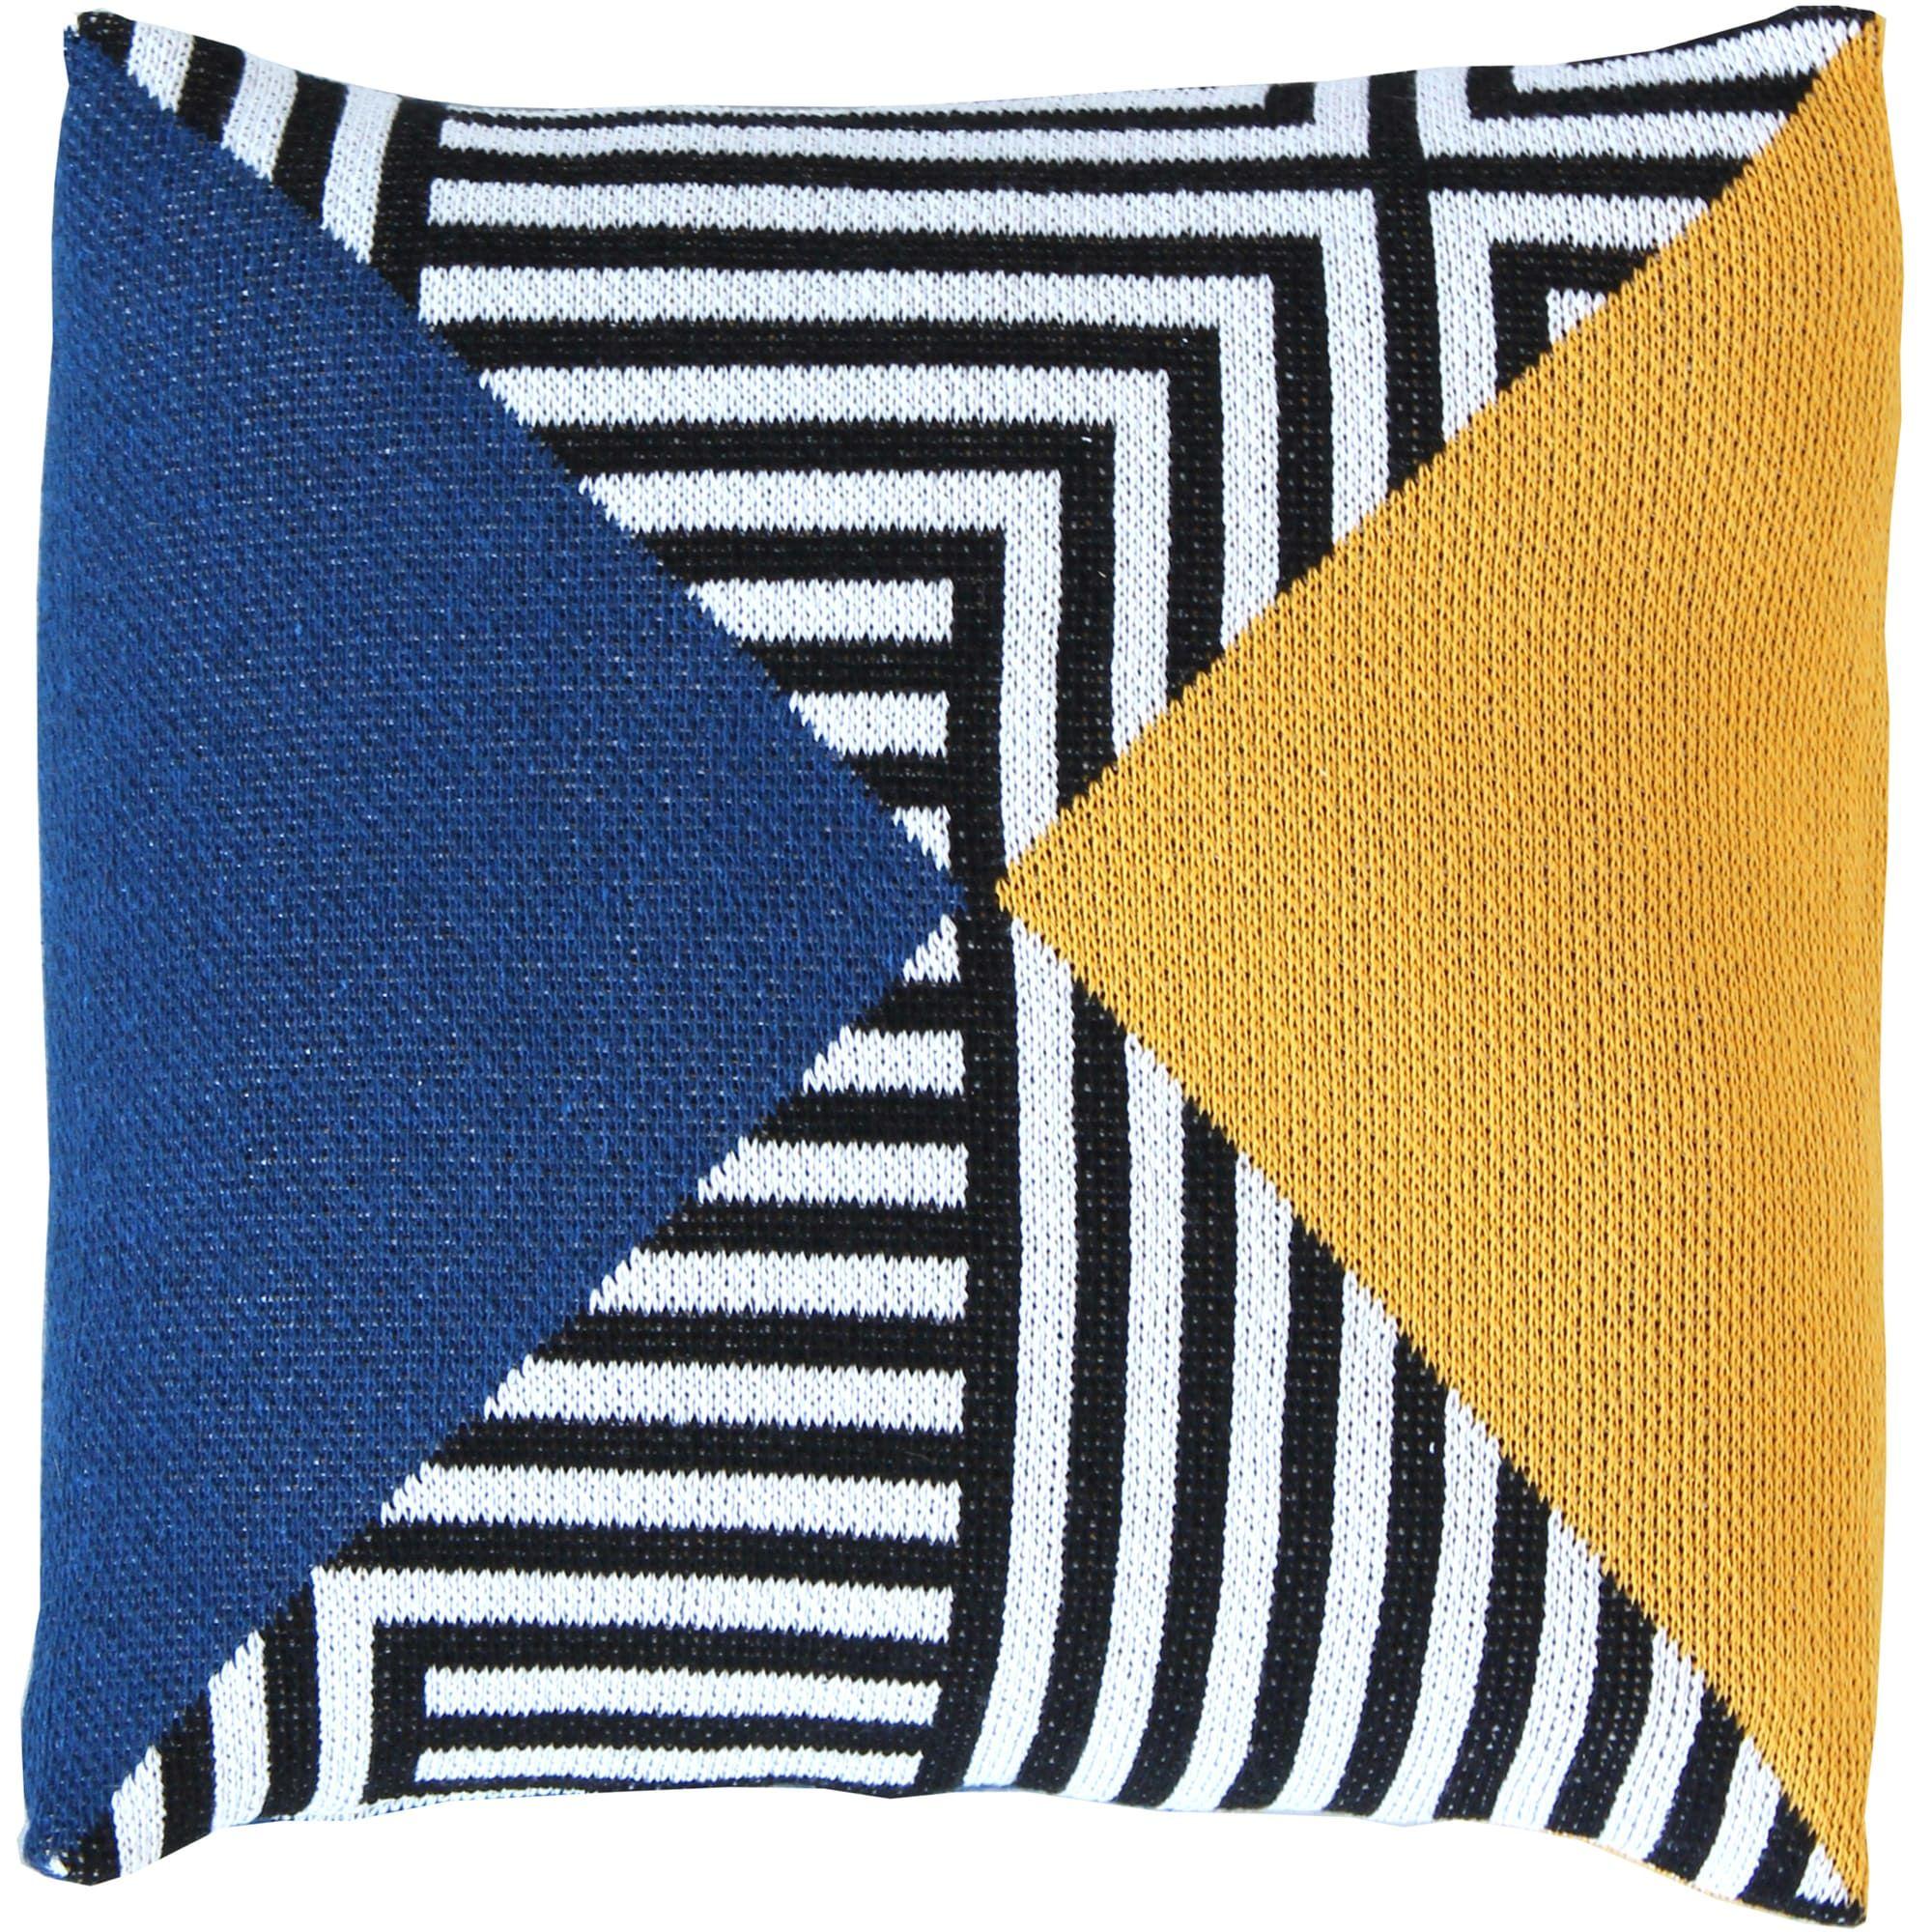 Interchange Pillow Cover Pillows and Pillow talk